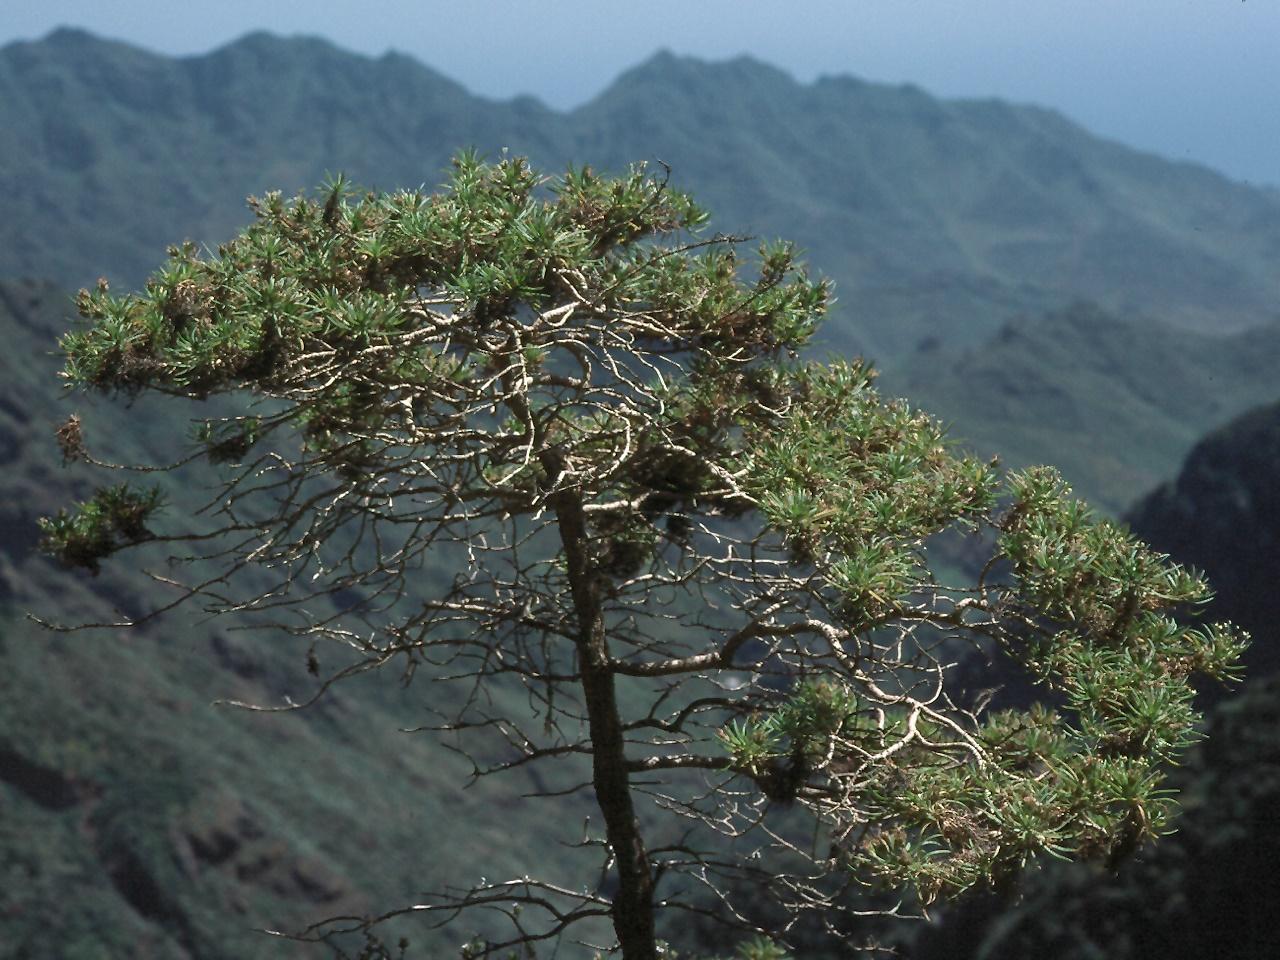 Plantago arborescens